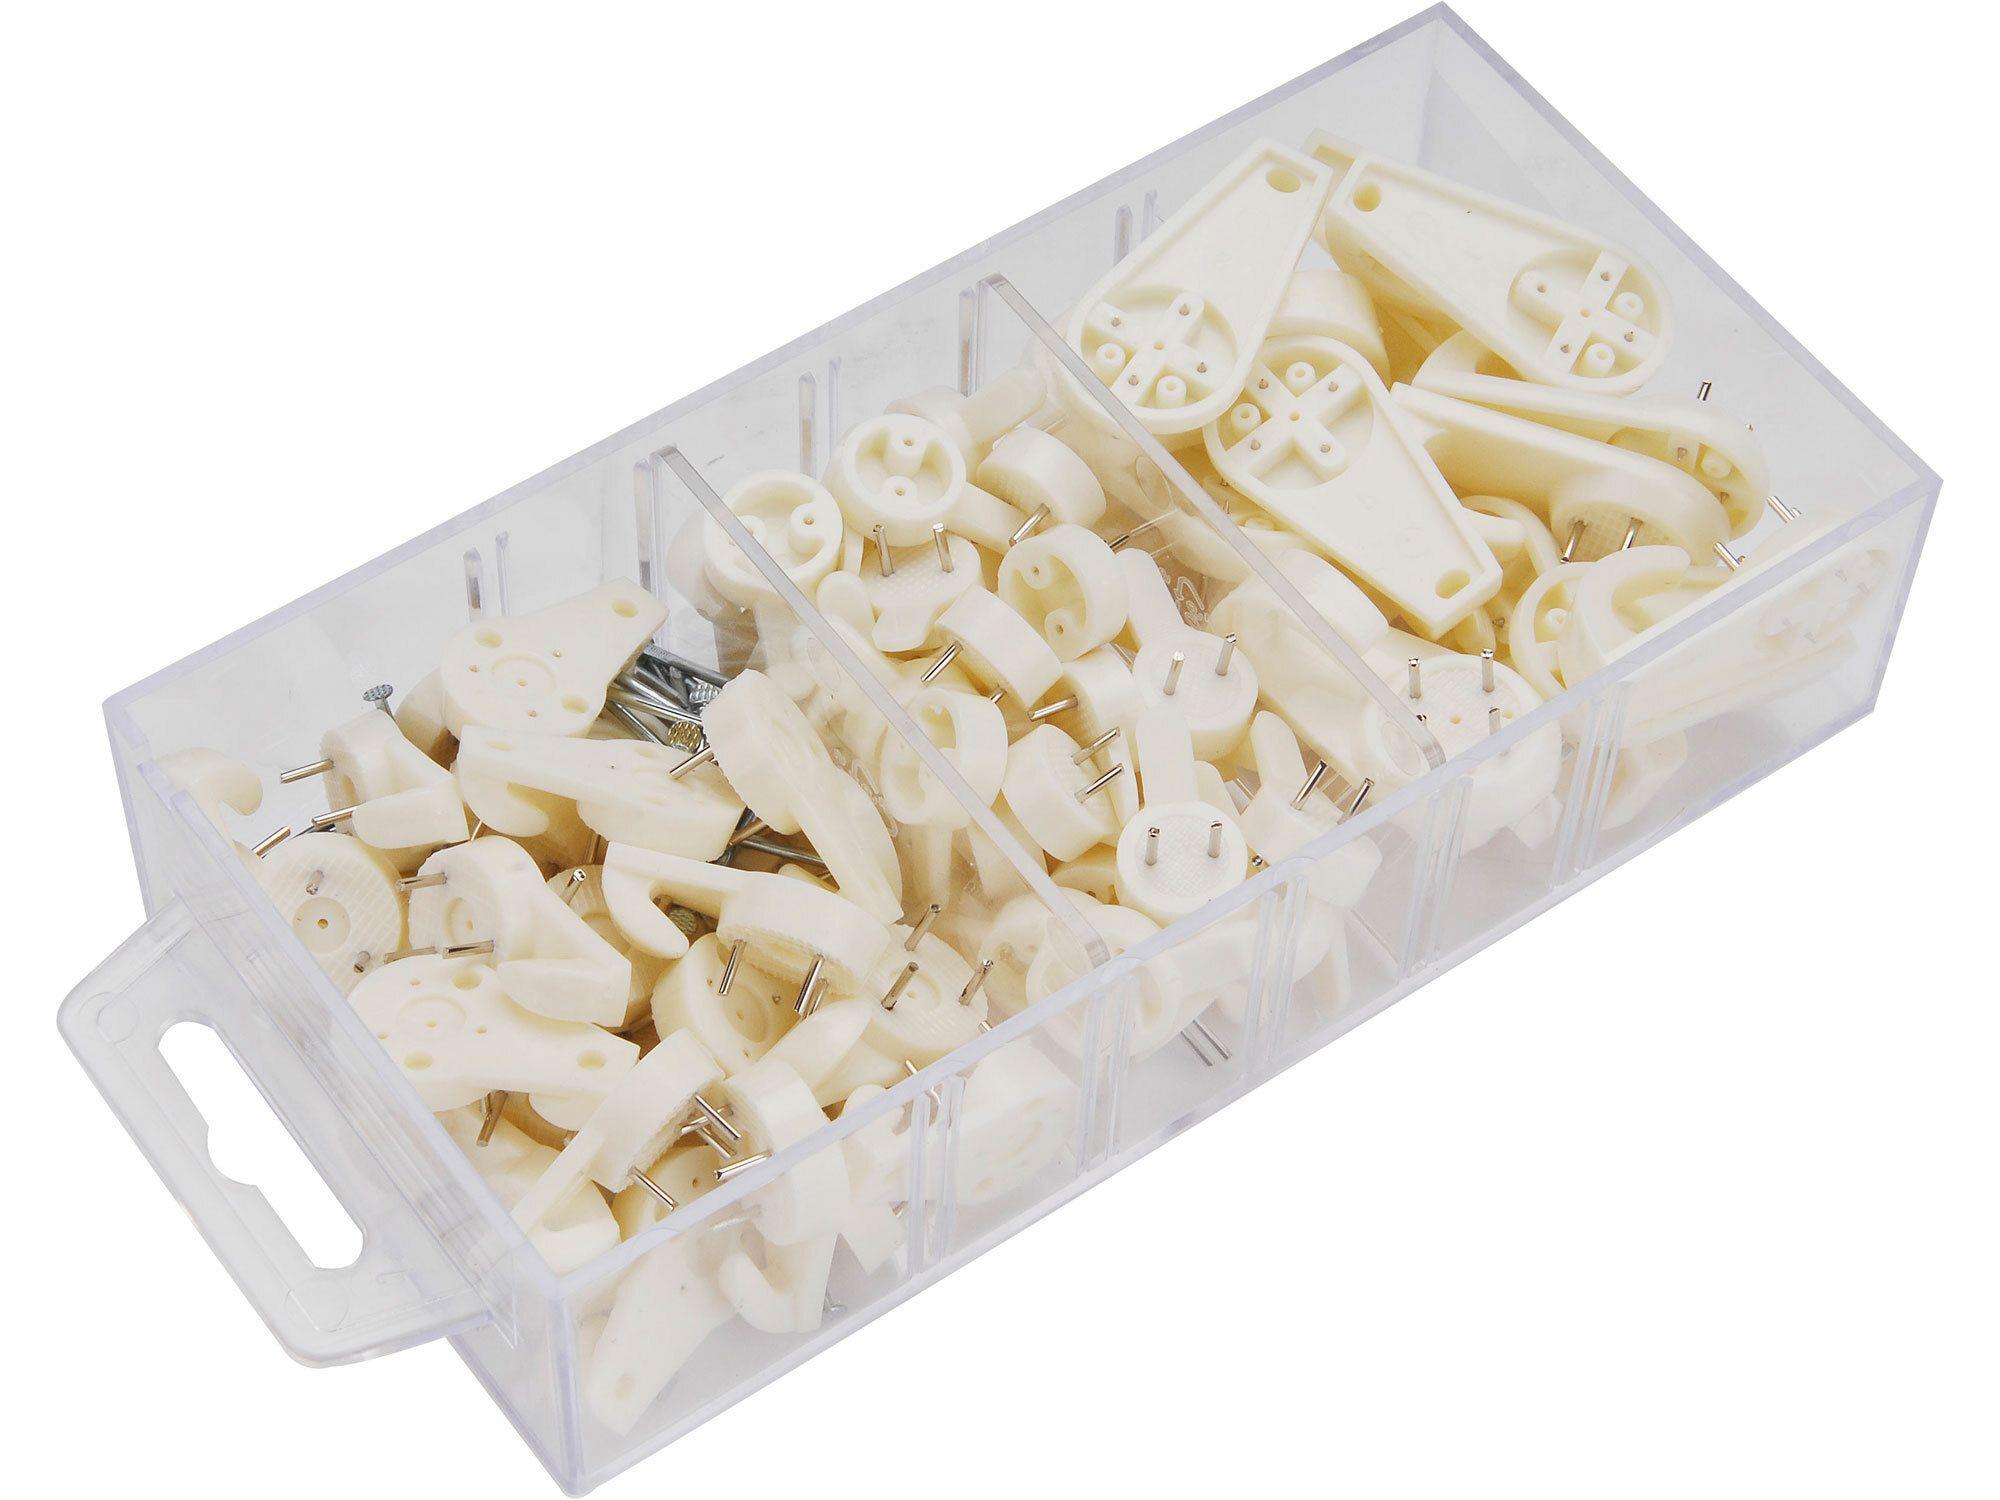 Háčky plastové univerzální 3 rozměry, sada 88ks, EXTOL CRAFT